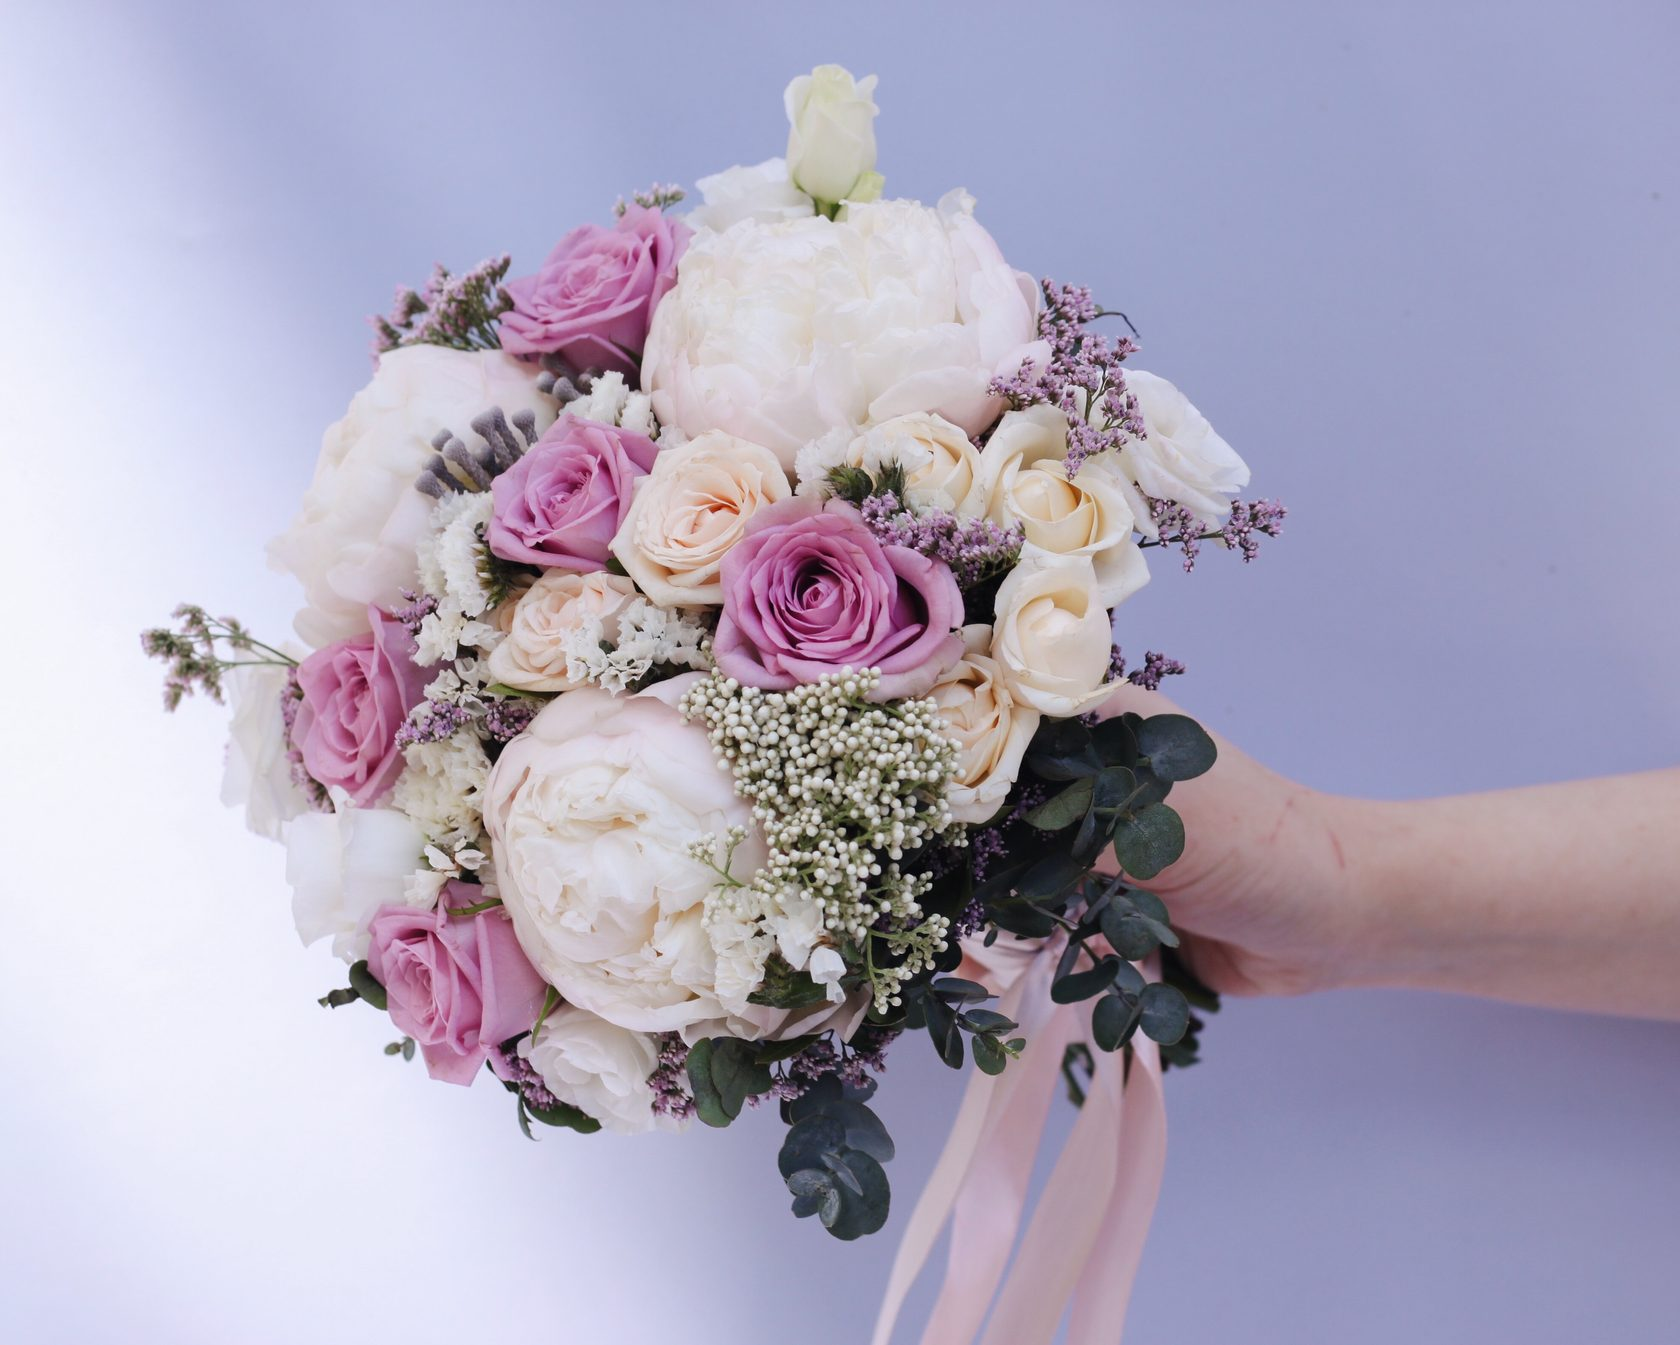 Камчатка где заказать букет невесты казань, курьерская